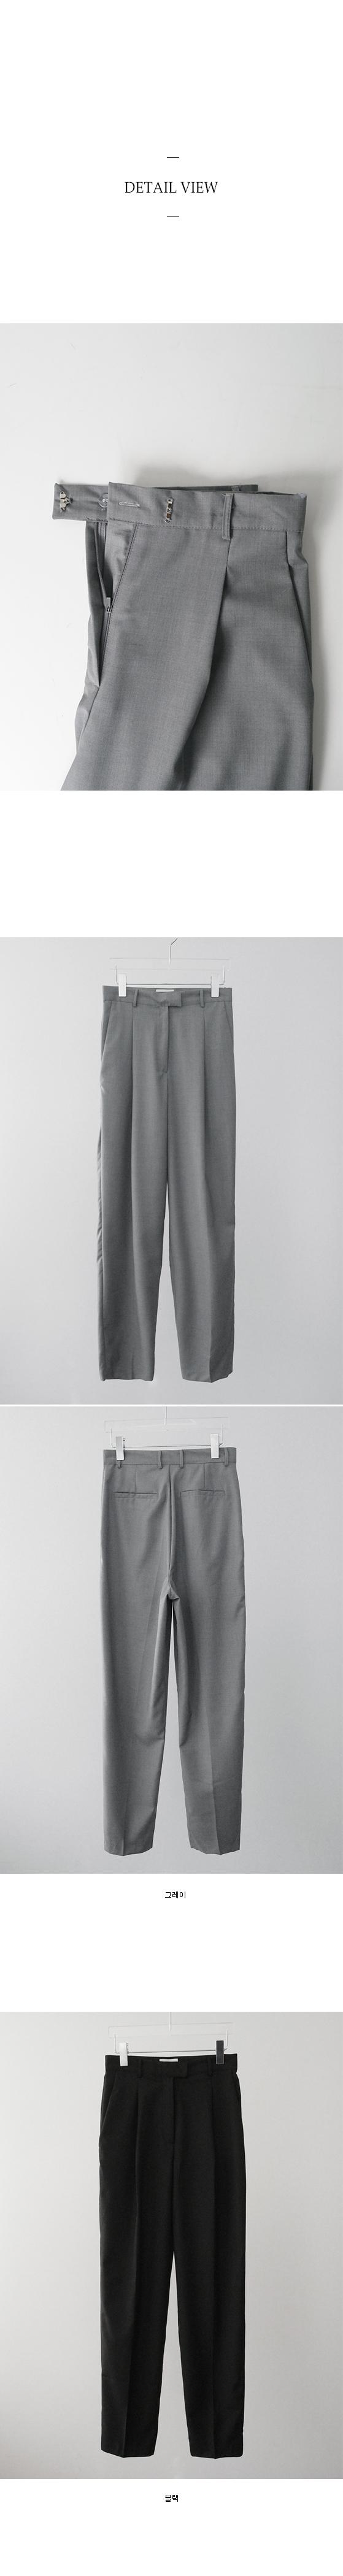 loose mannish fit pants